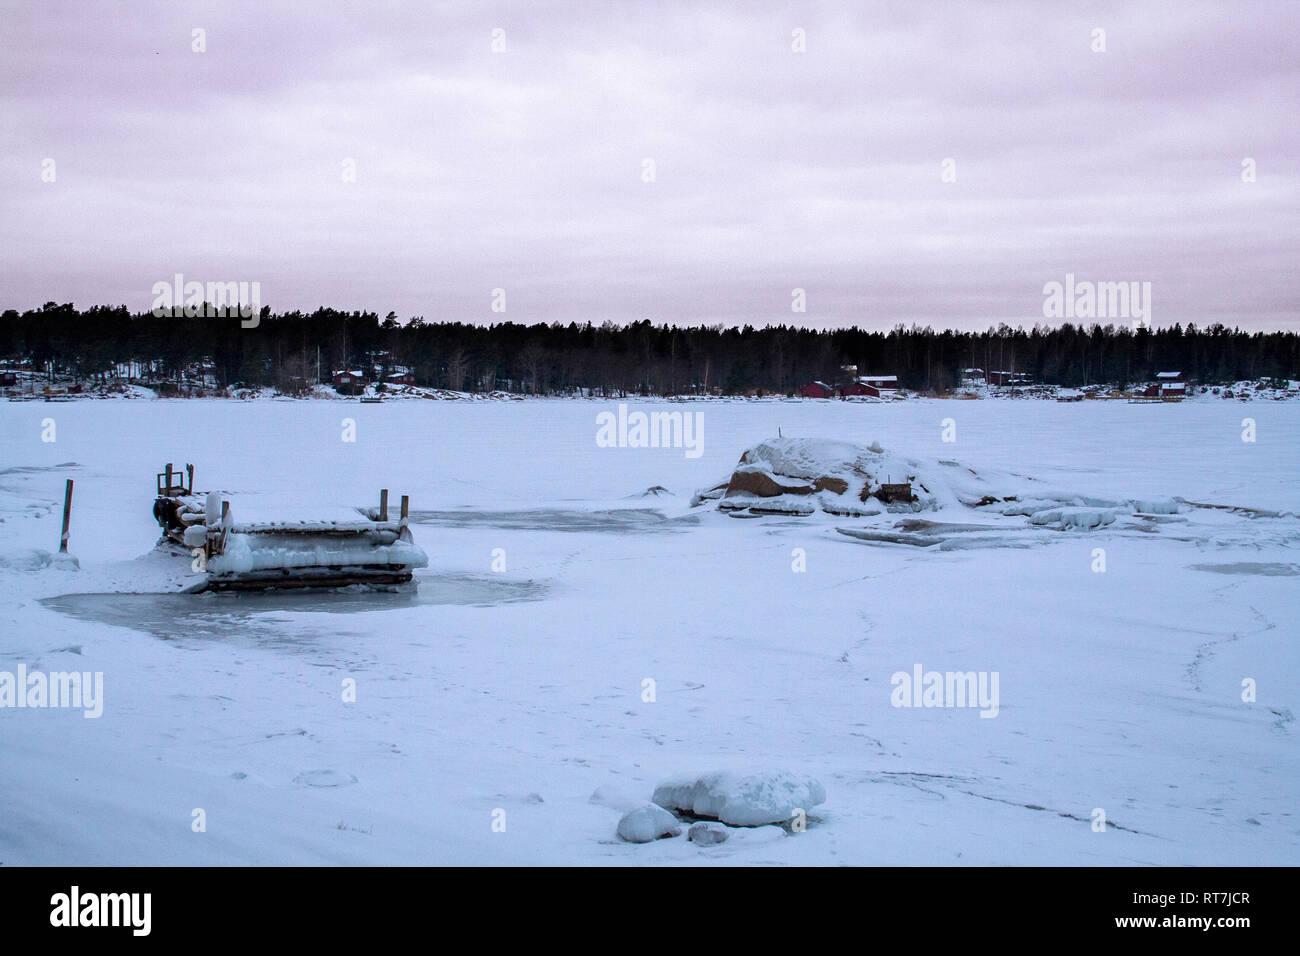 Winter landscape in the Stockholm Archipelago, Sweden - Stock Image